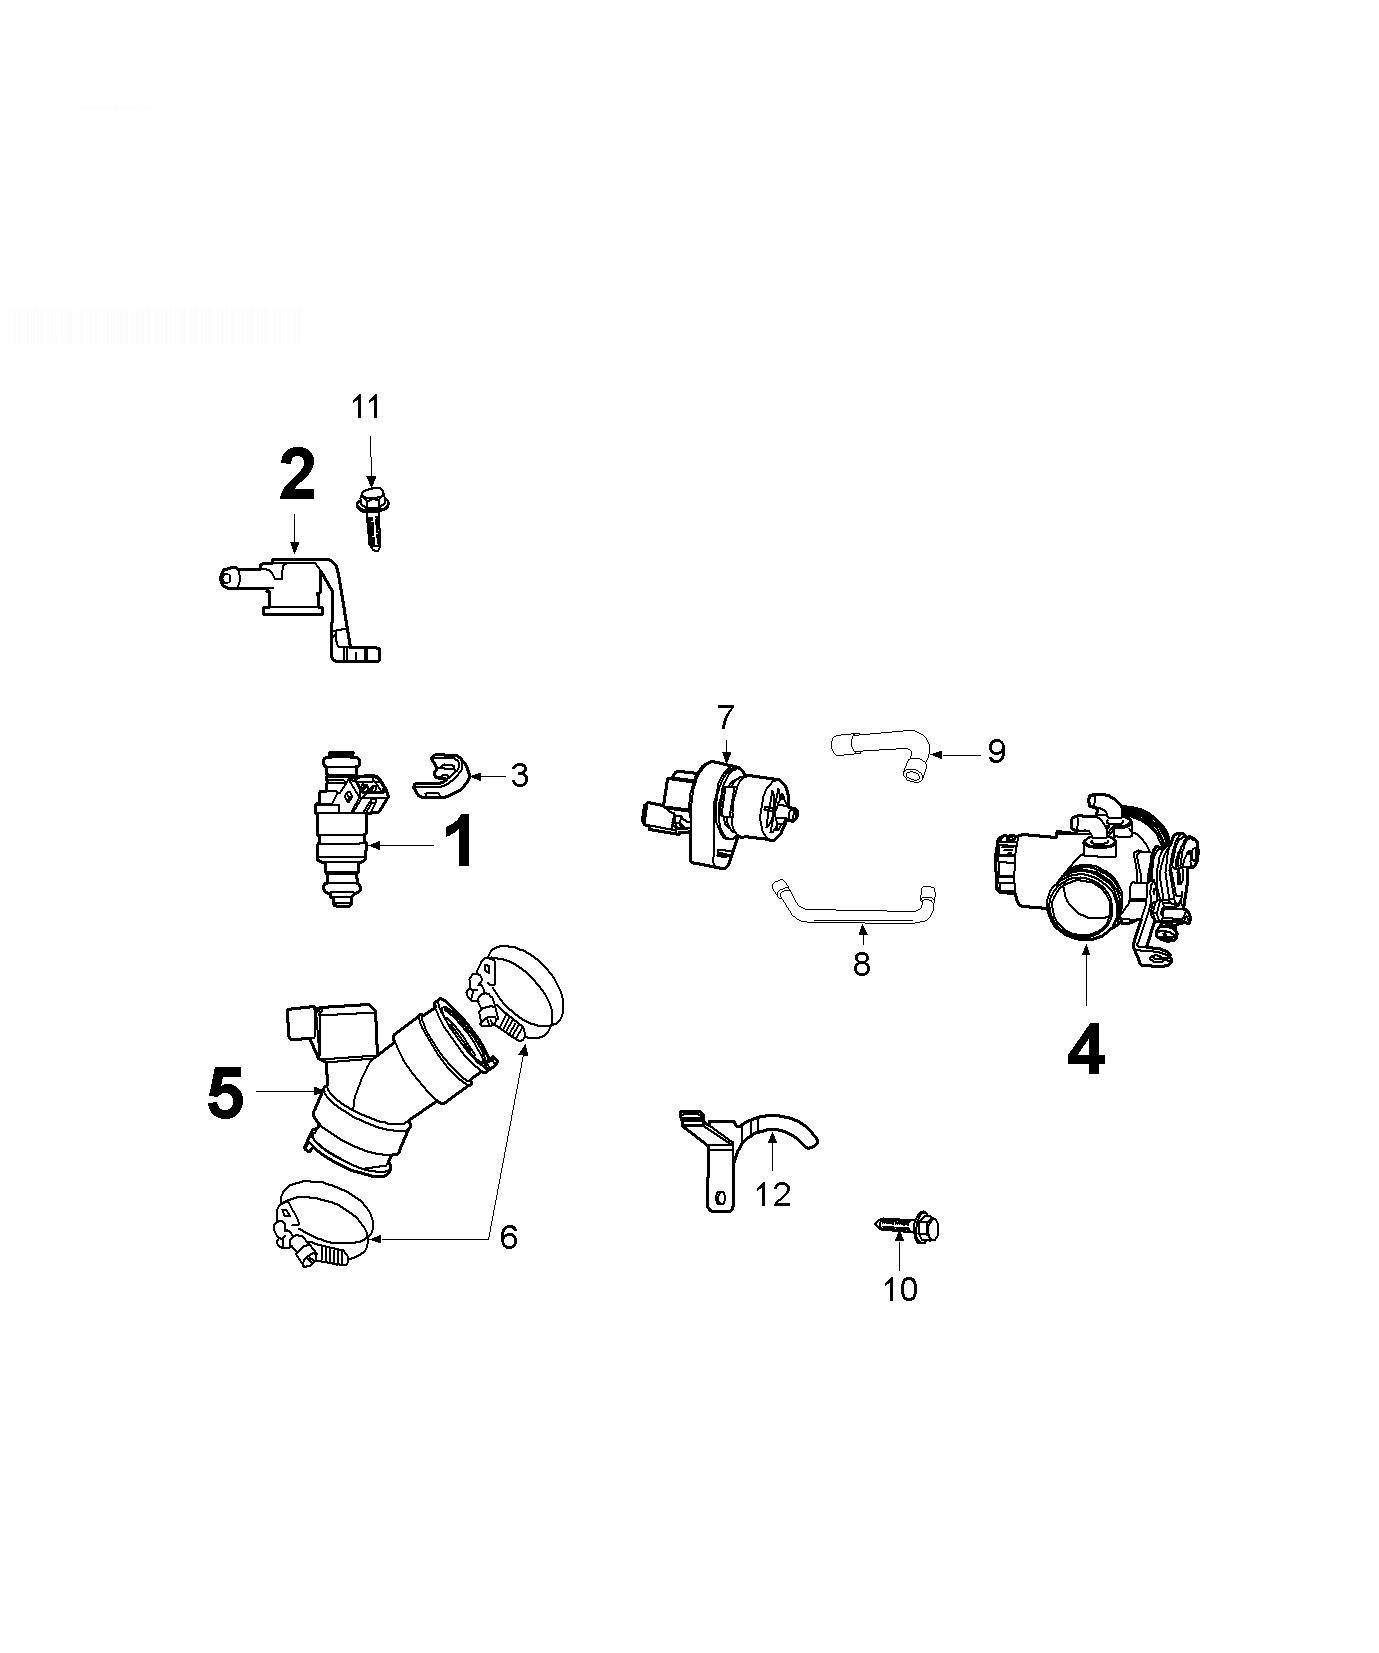 Peugeot Satelis 125 Compressor Injection System